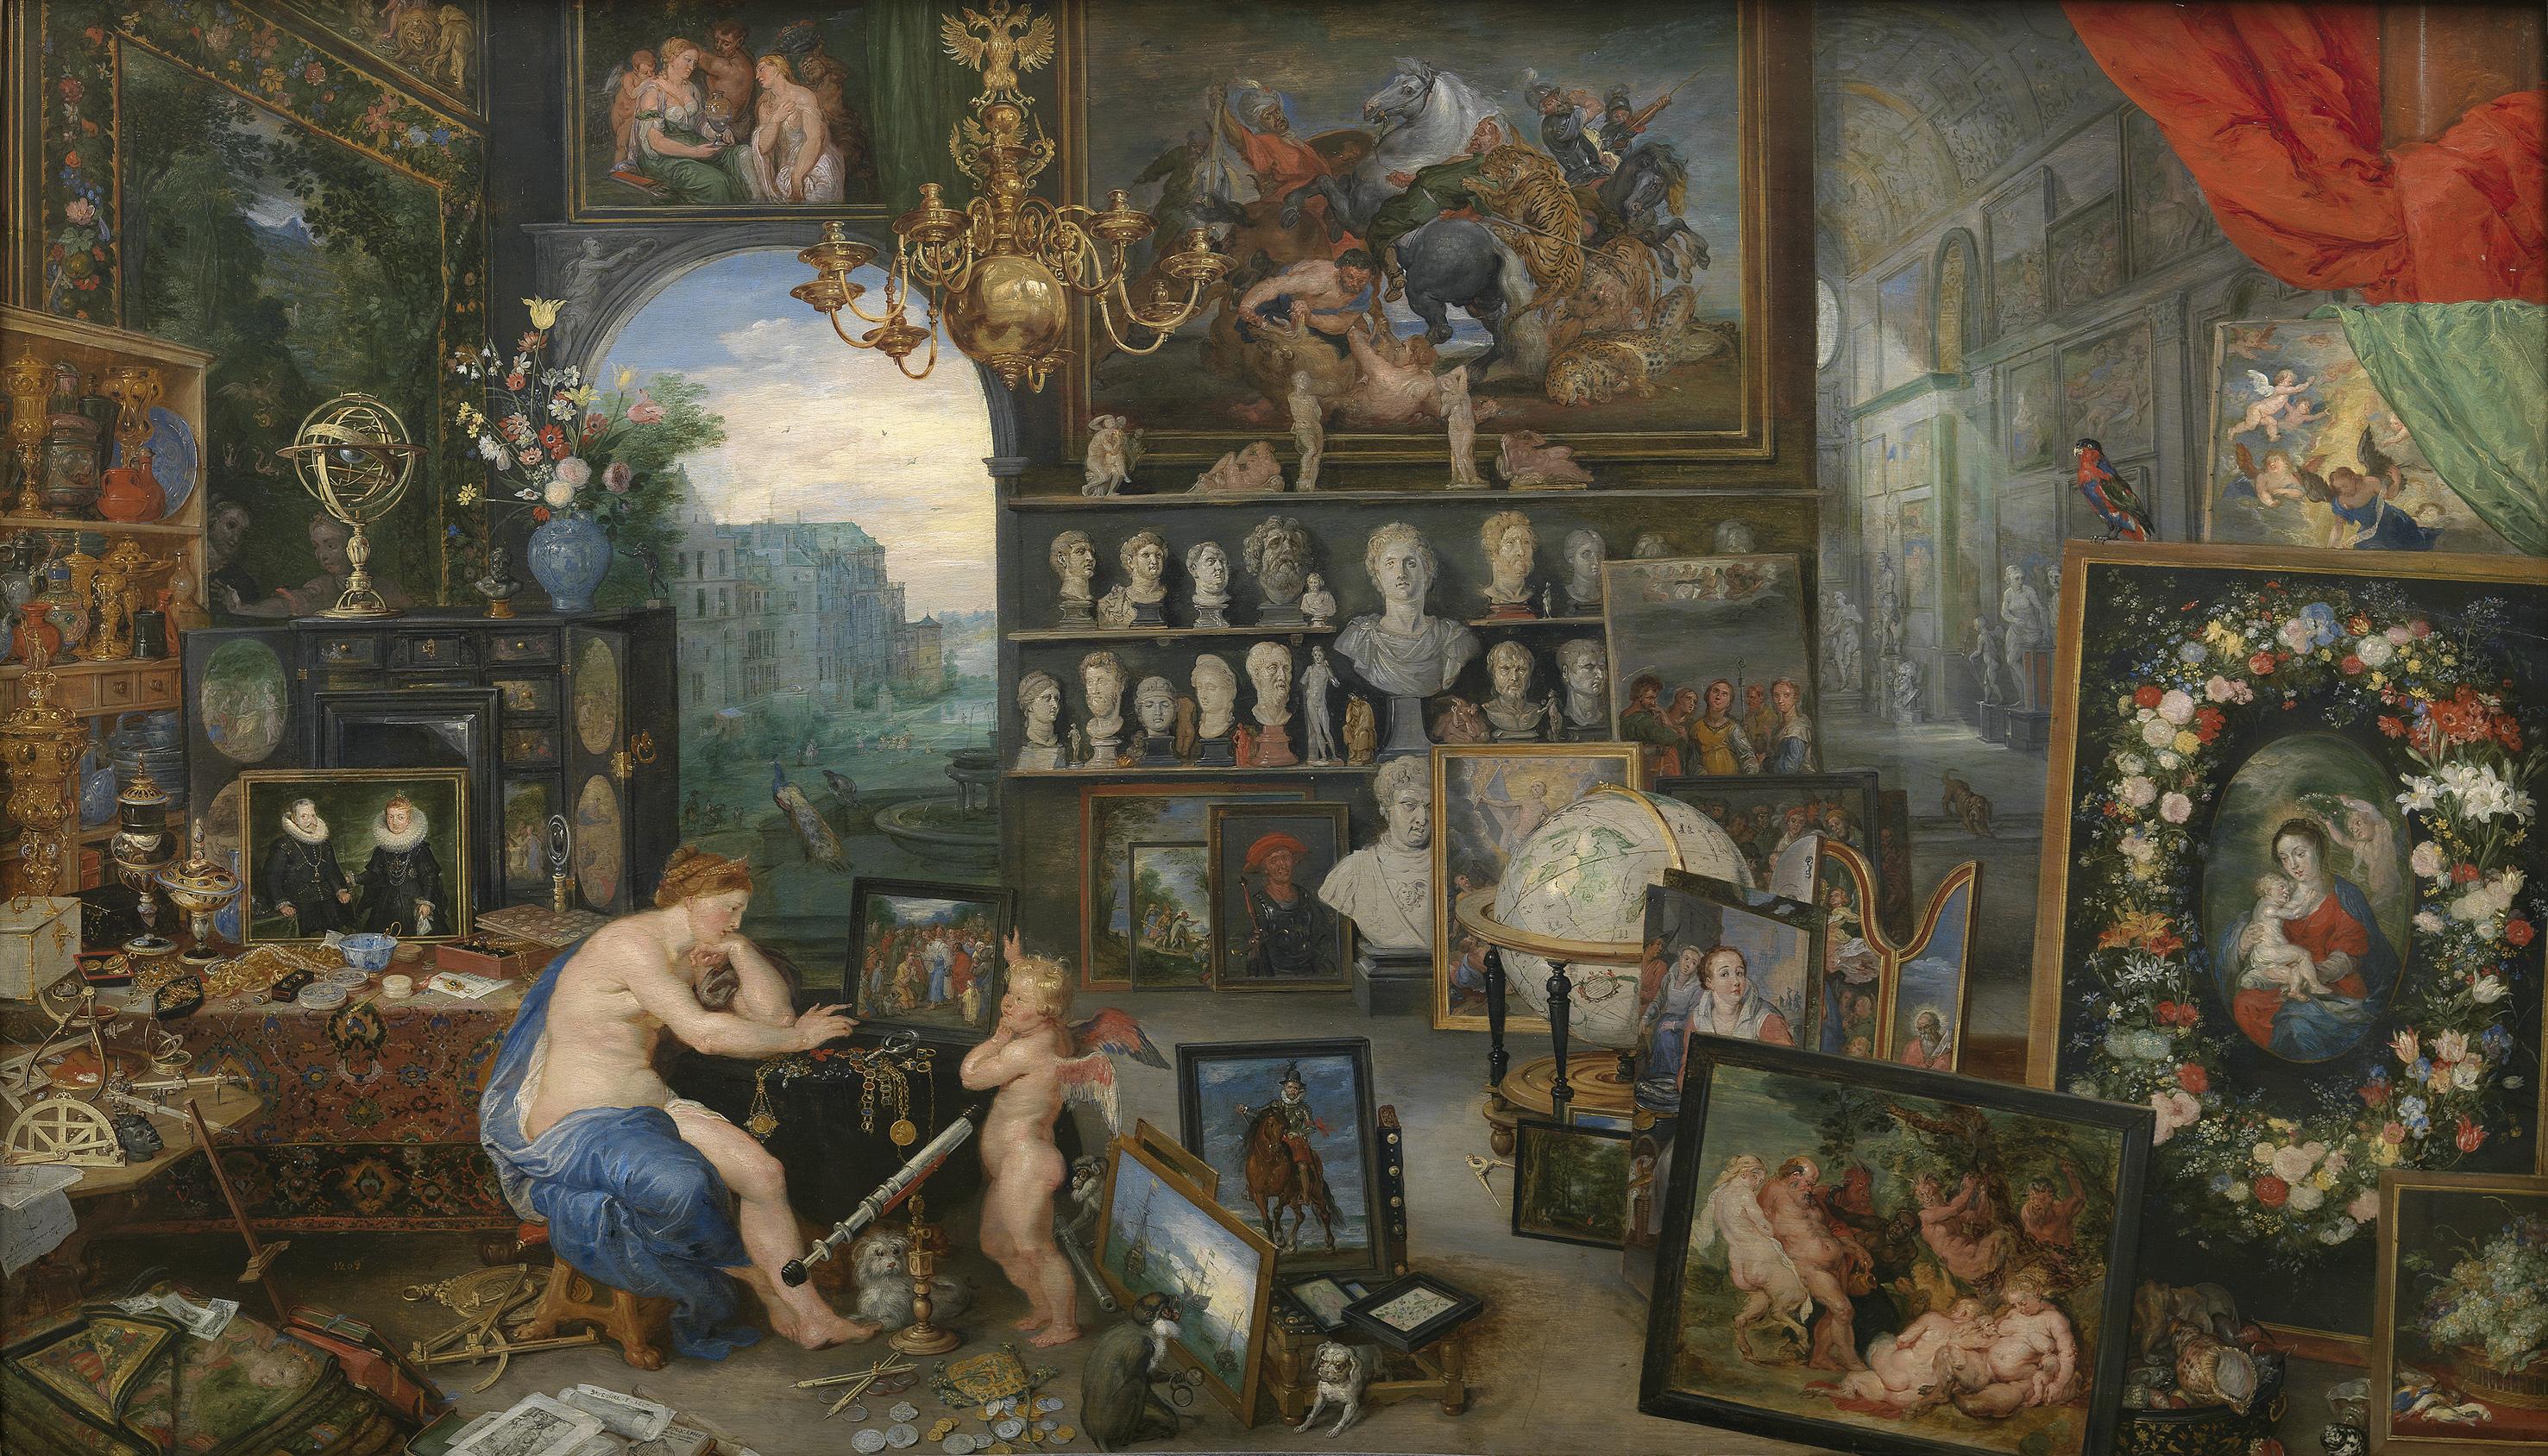 Pedro Pablo Rubens y Jan Brueghel el viejo: La vista. Museo Nacional del Prado, Madrid.